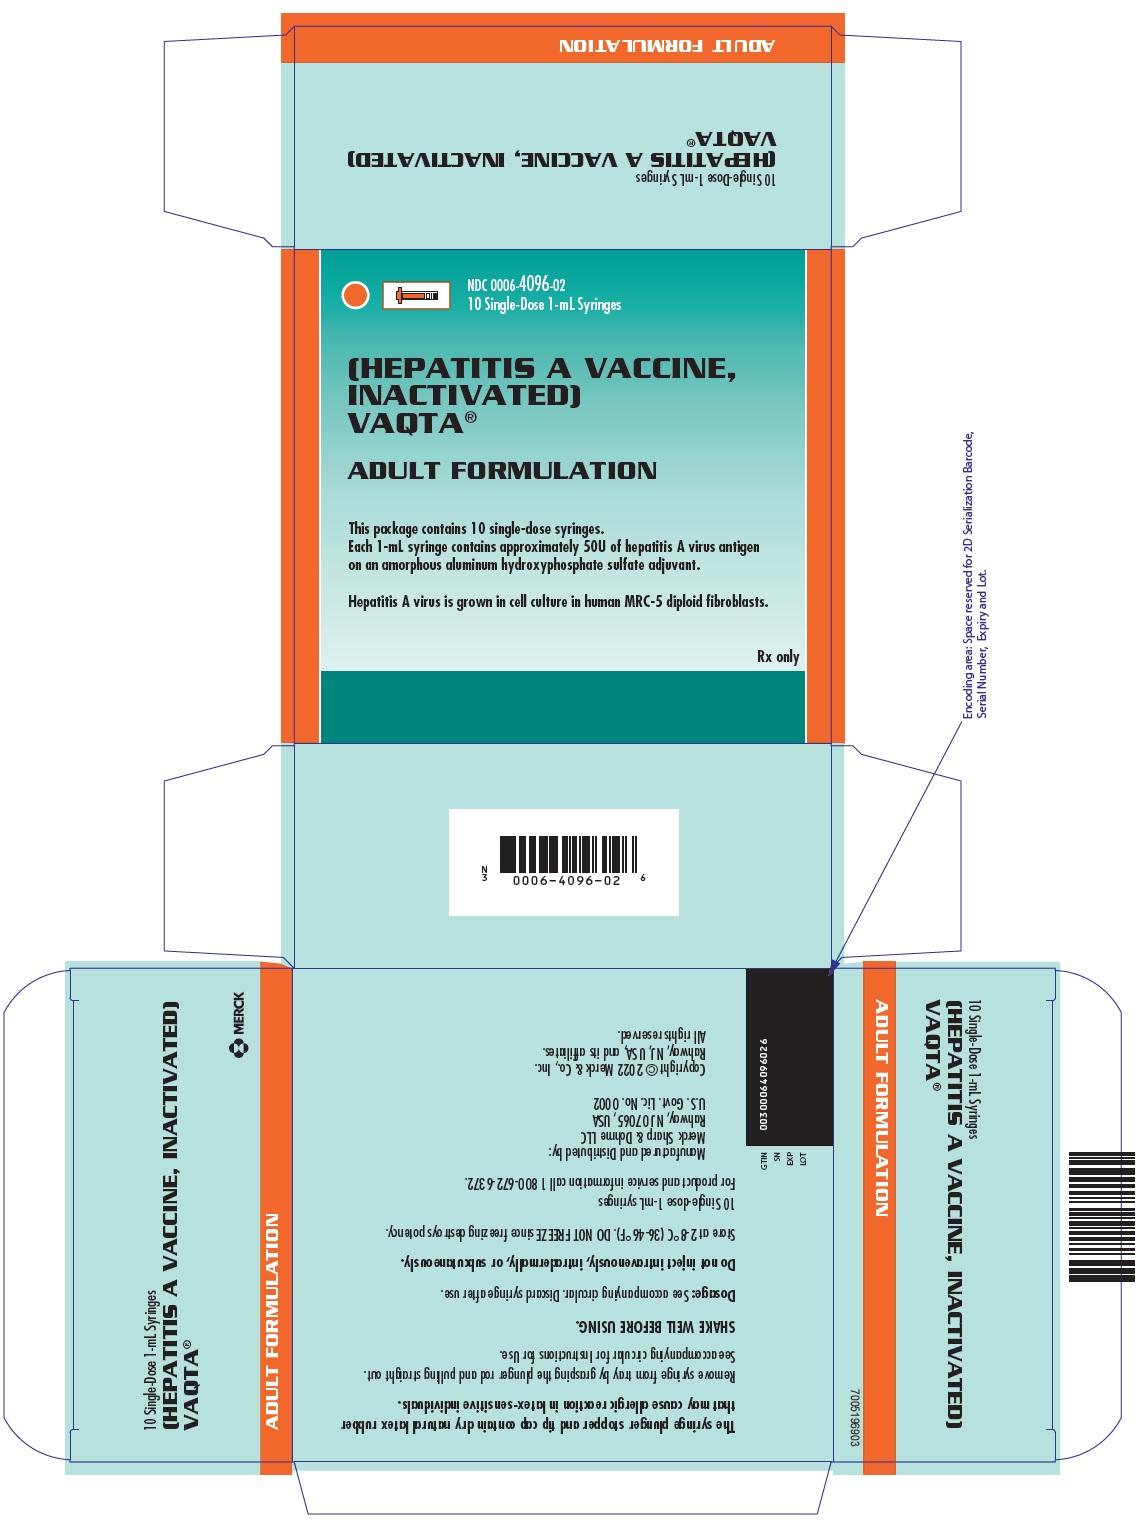 PRINCIPAL DISPLAY PANEL - 10 Single-Dose 1 mL Syringe Carton